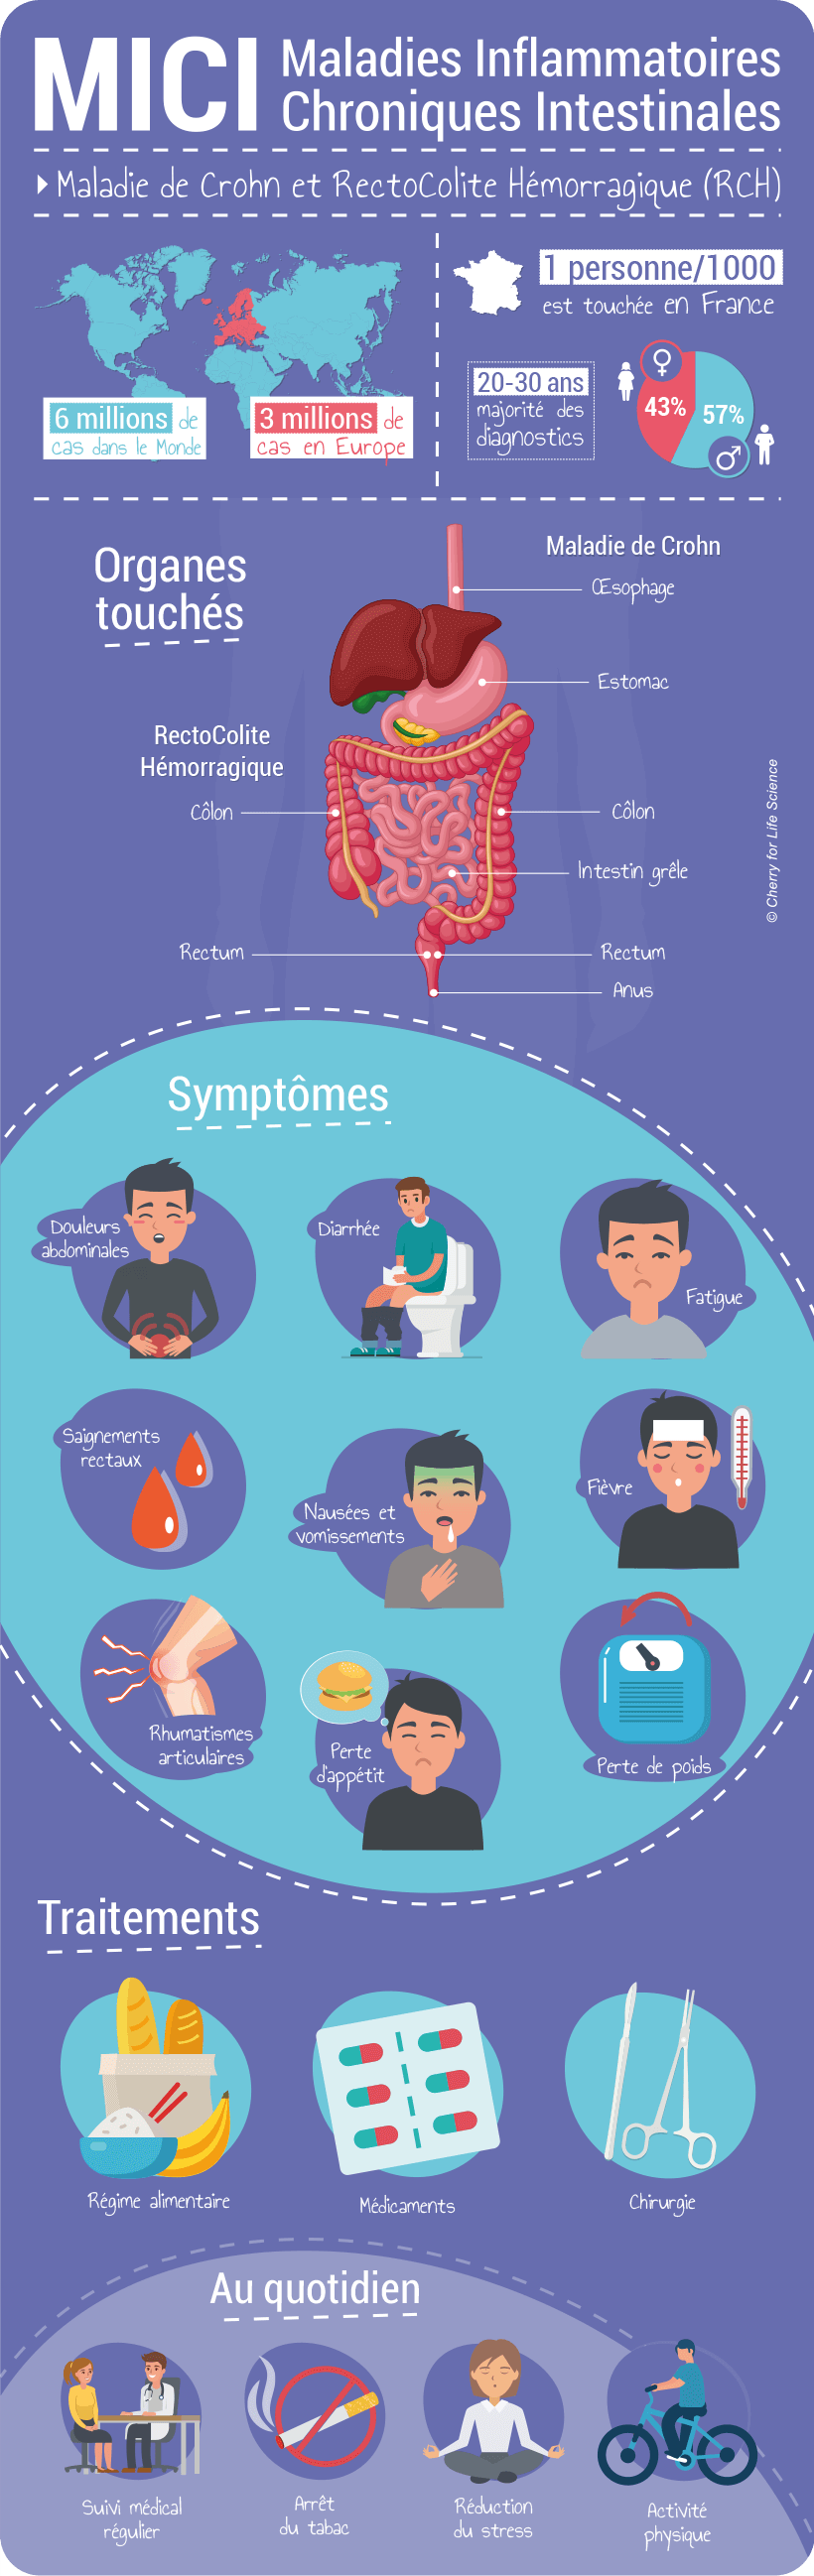 Infographie : MICI Maladies Inflammatoires Chroniques Intestinales